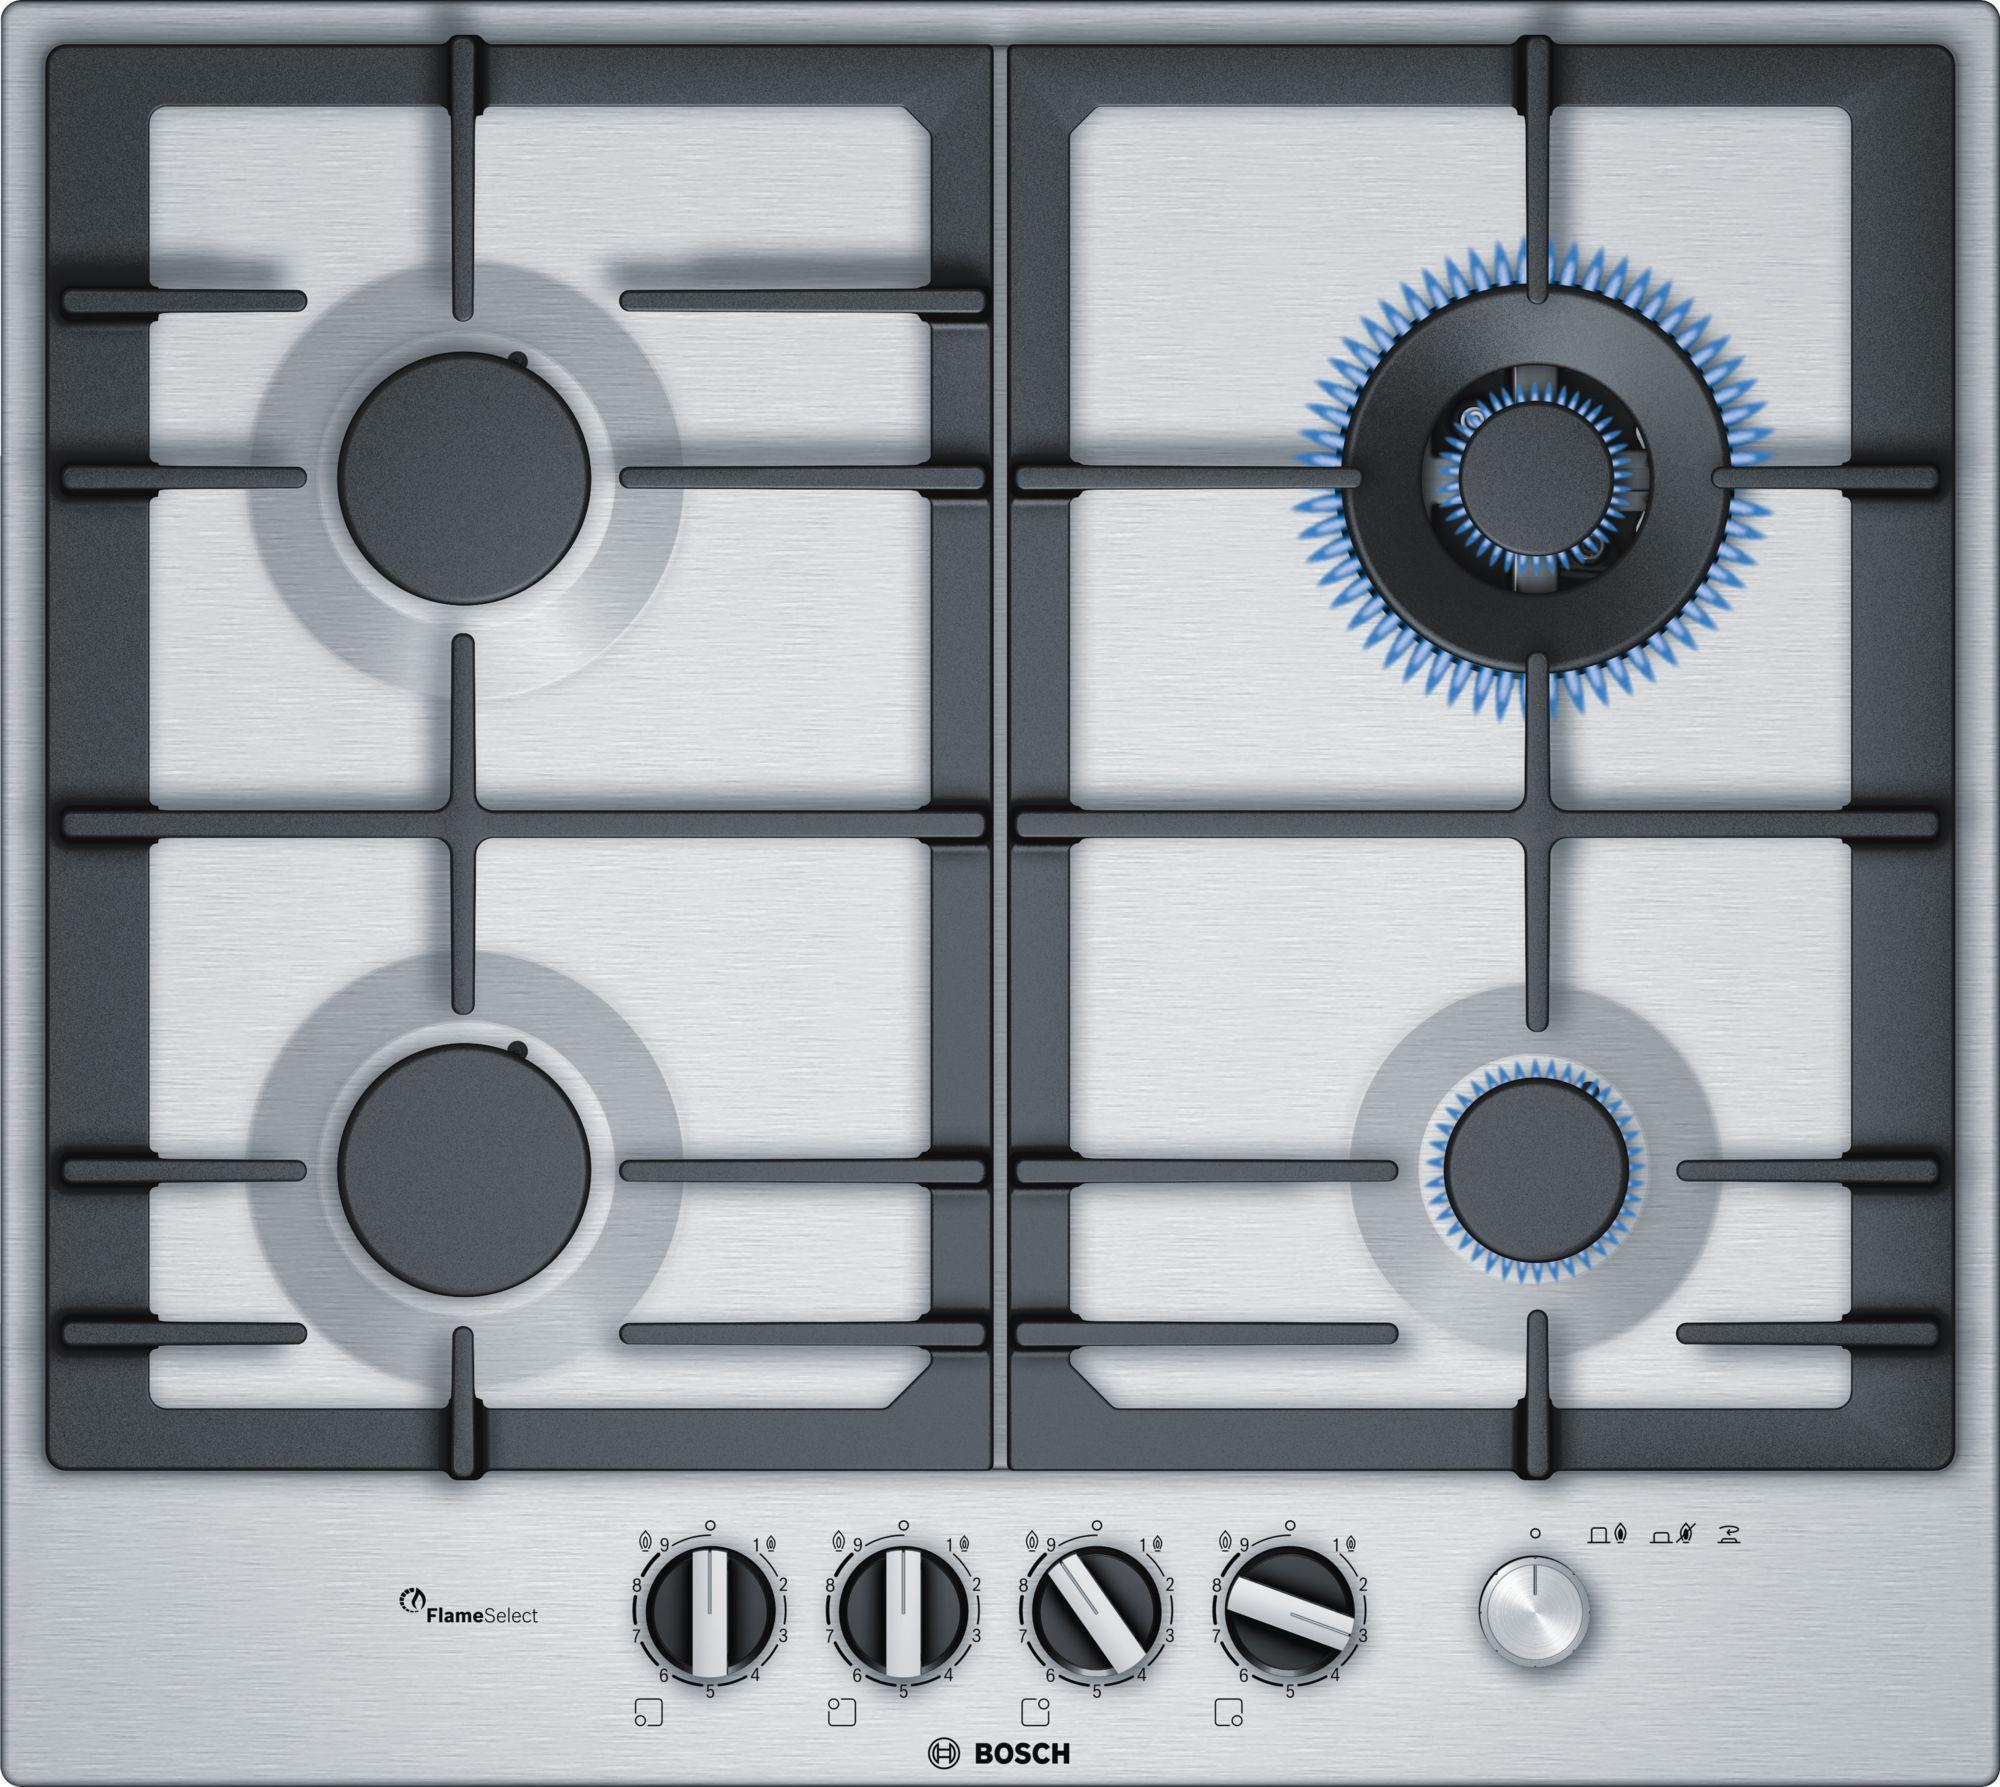 Serie | 6 Plinska ploča za kuvanje, nerđajući čelik, 60 cm